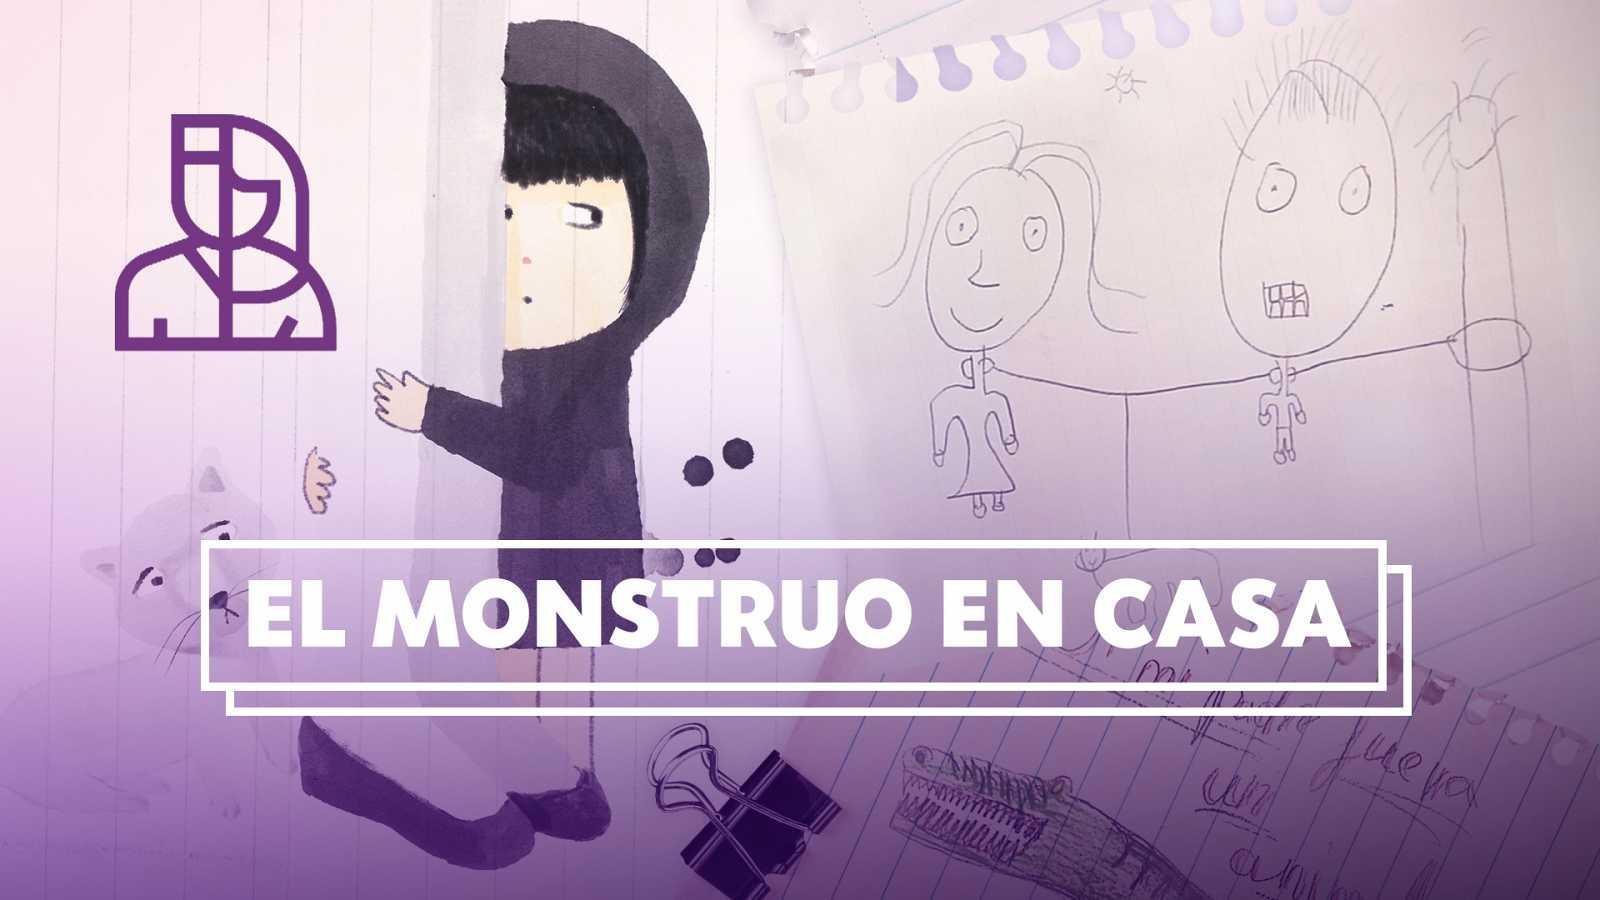 Objetivo Igualdad - Programa 20: El monstruo en casa - Ver ahora